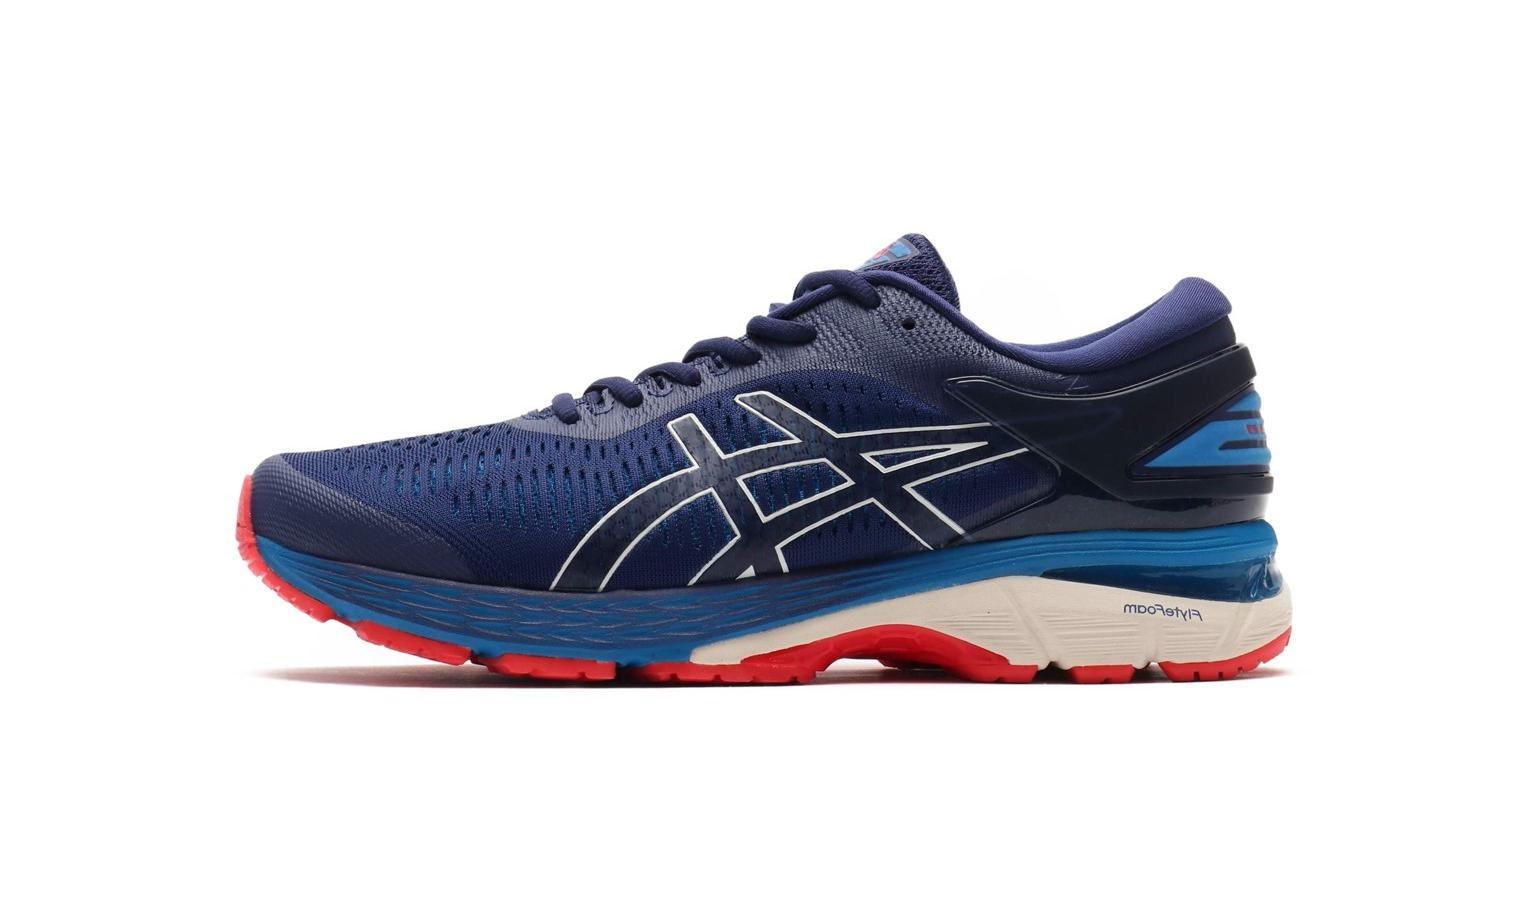 28839b47acb Pánské běžecké boty Asics GEL-KAYANO 25 modré